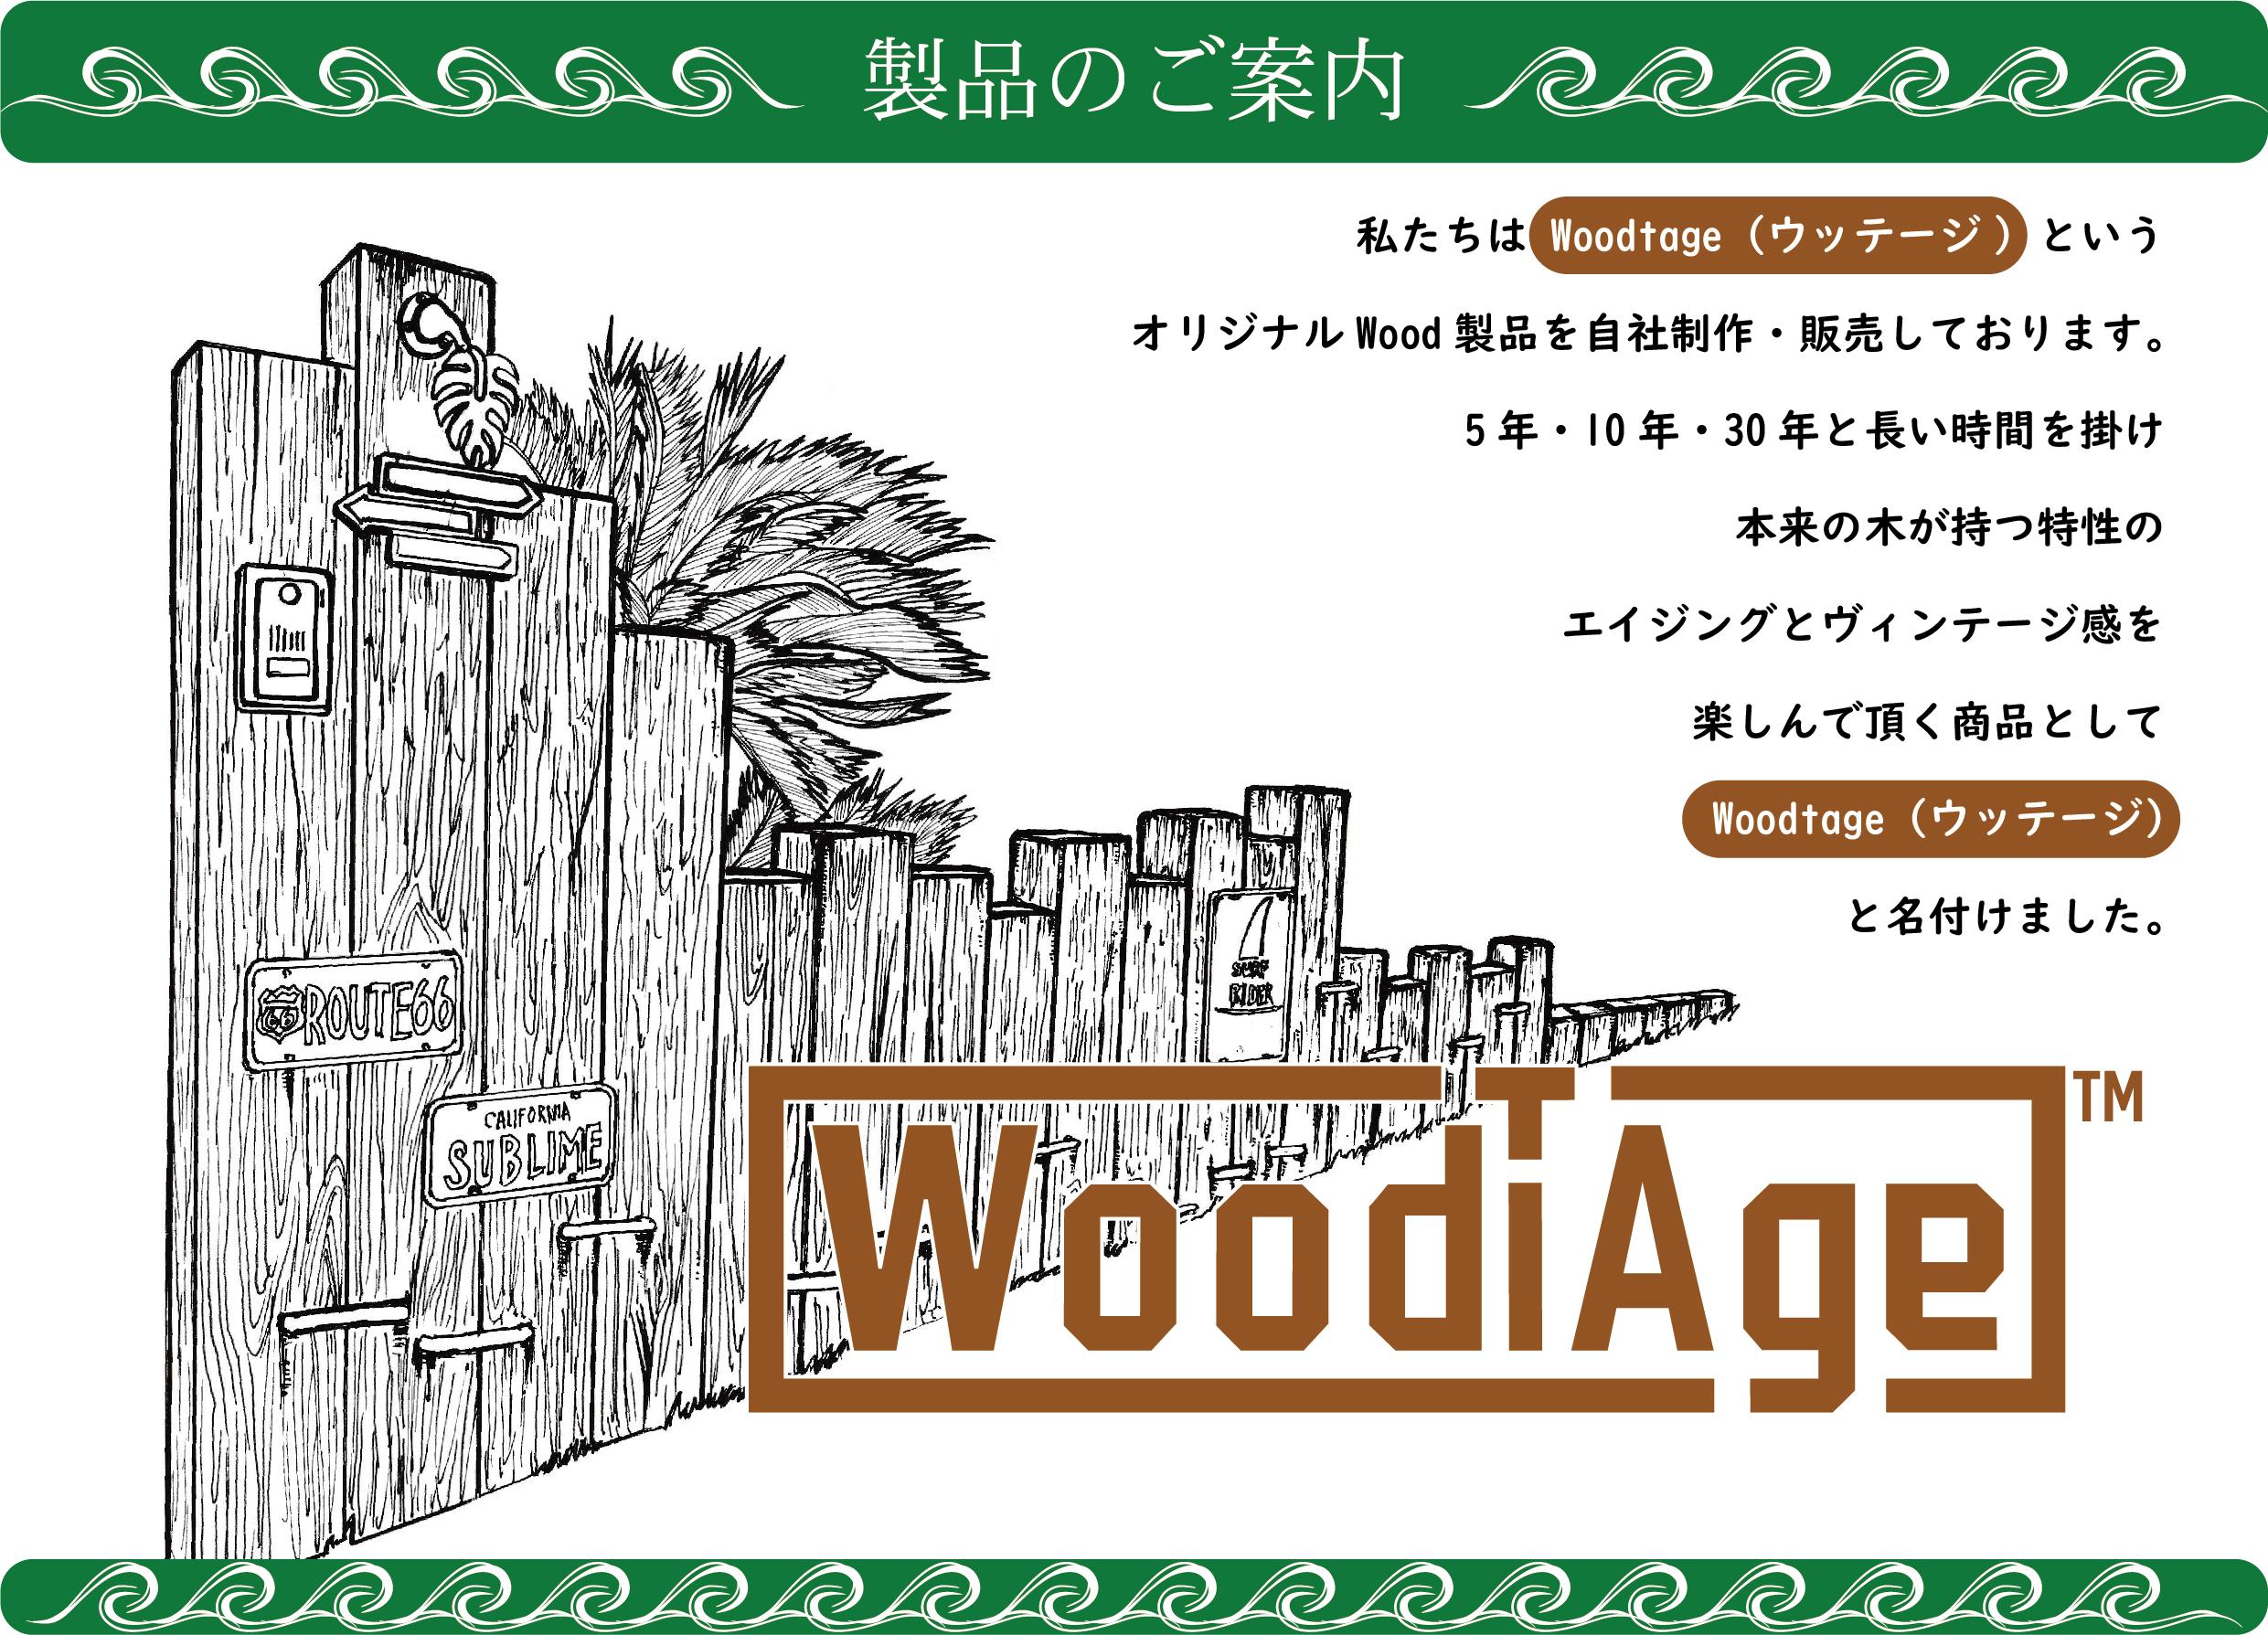 Woodtageページ用画像1-1